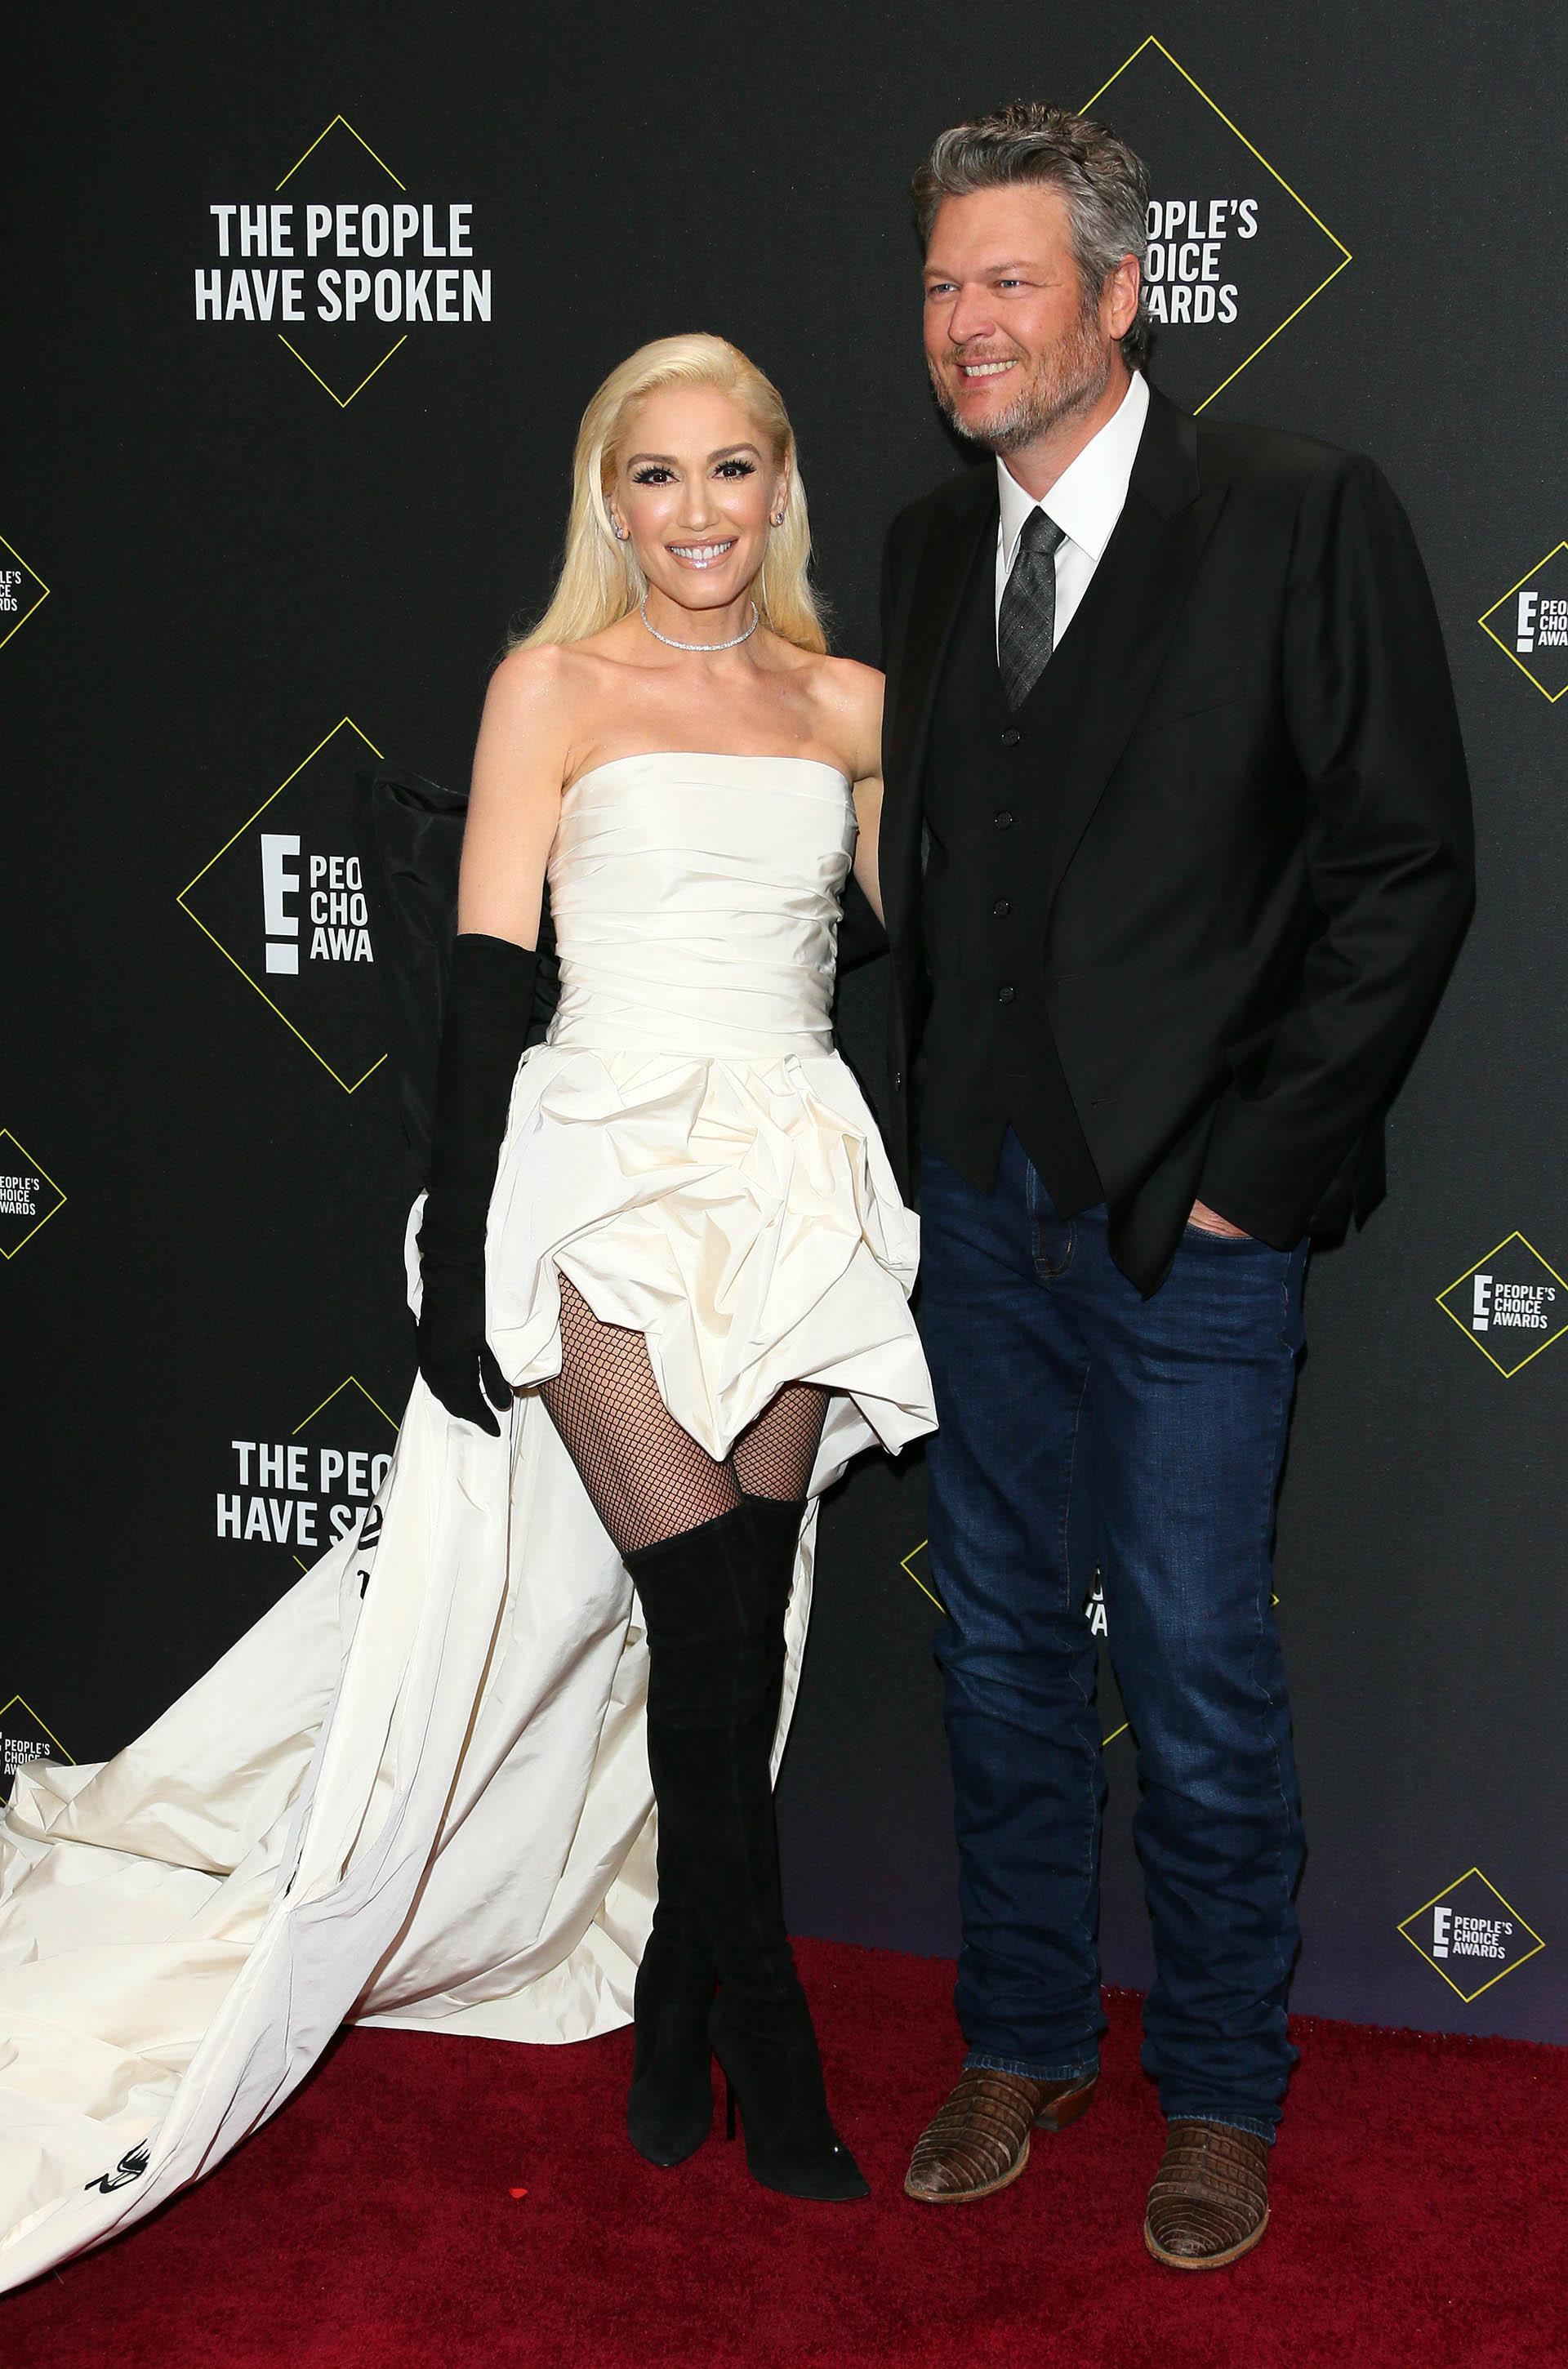 La cantante Gwen Stefani y Blake Shelton